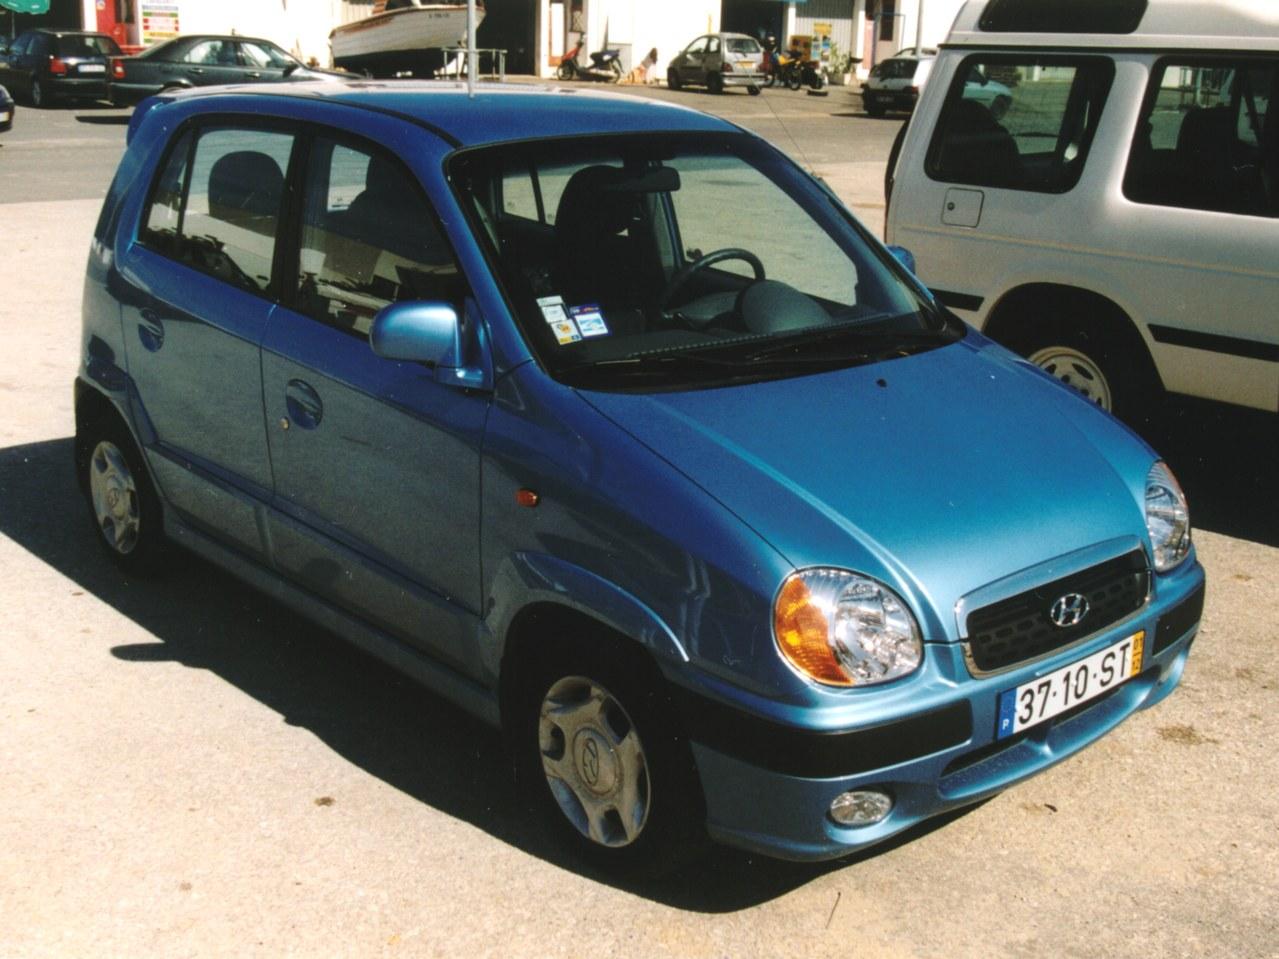 Hyundai_Atos_Prime_01.jpg